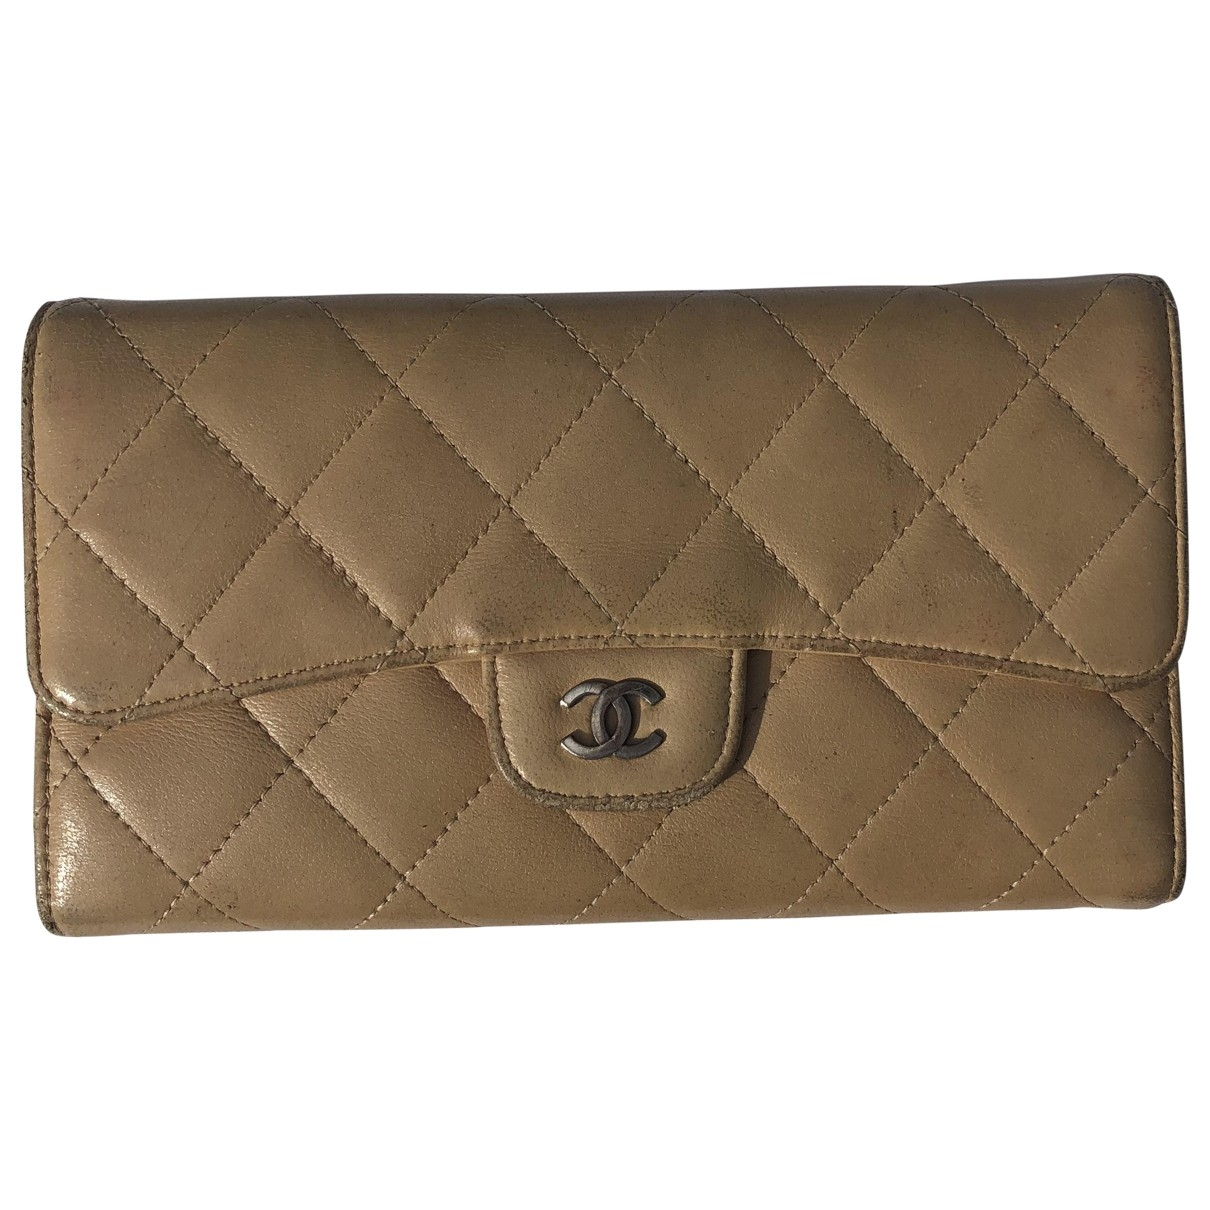 Chanel - Portefeuille Timeless/Classique pour femme en cuir - beige